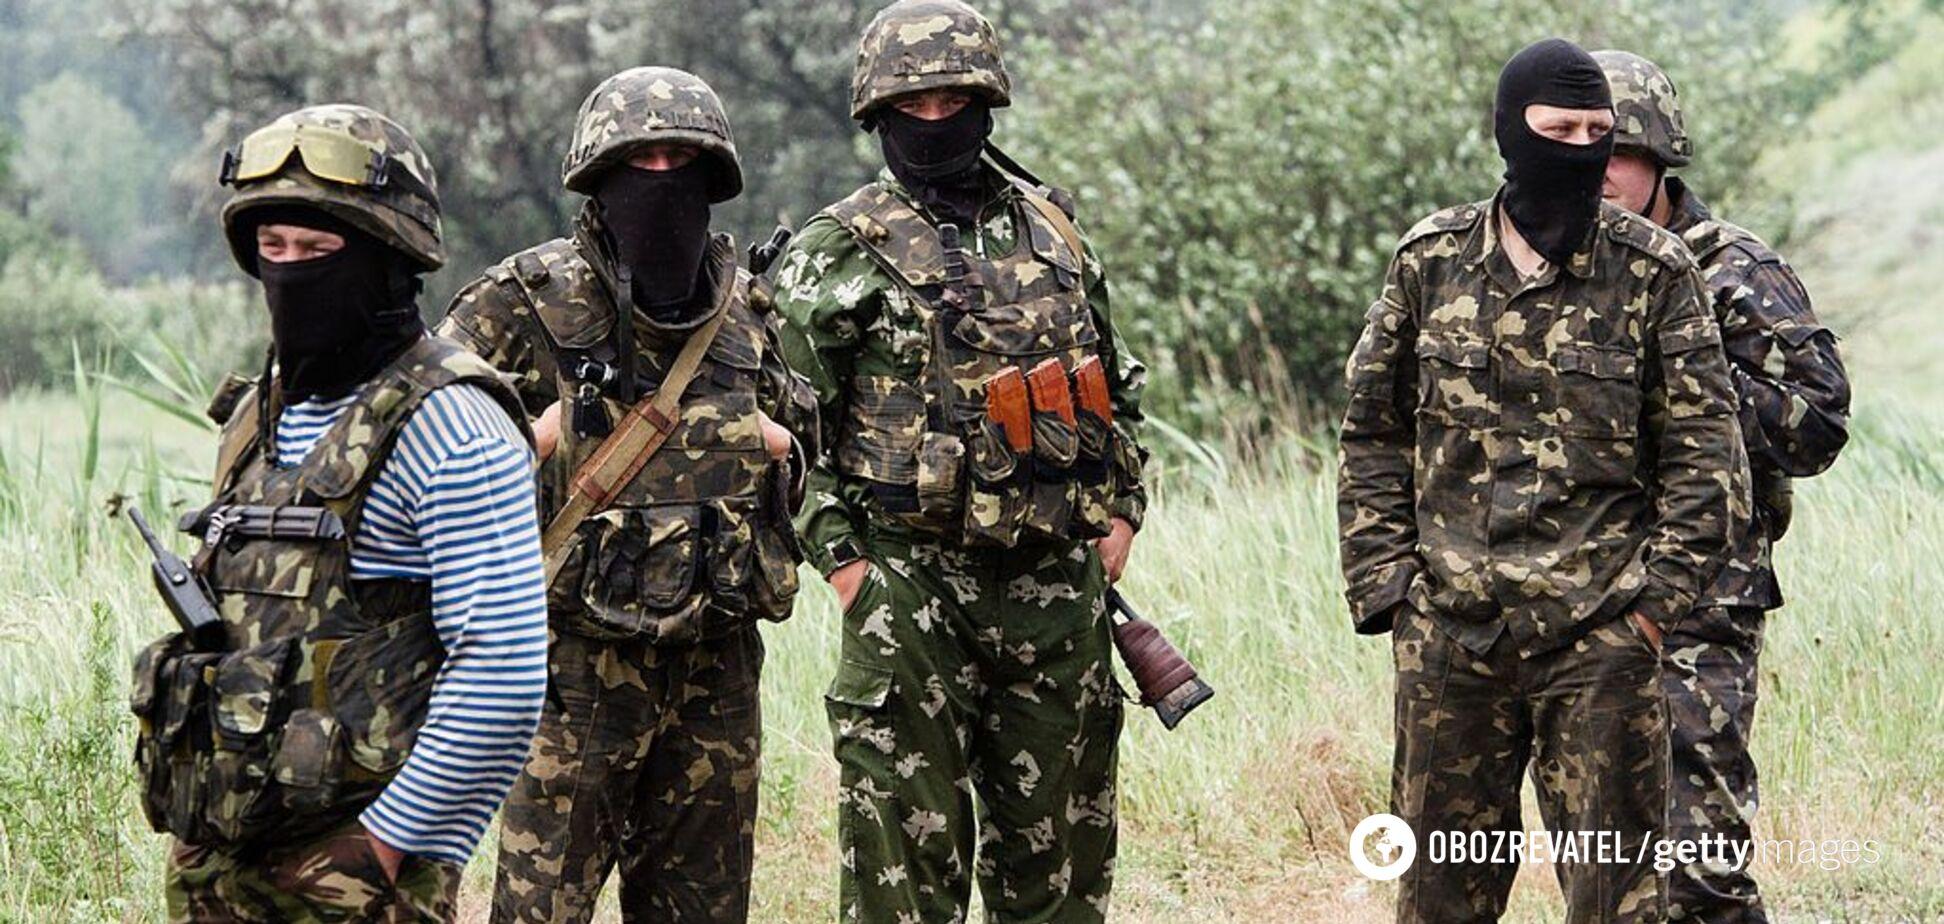 Террористы 'Л/ДНР' устроили кровавую бойню: разведка раскрыла детали